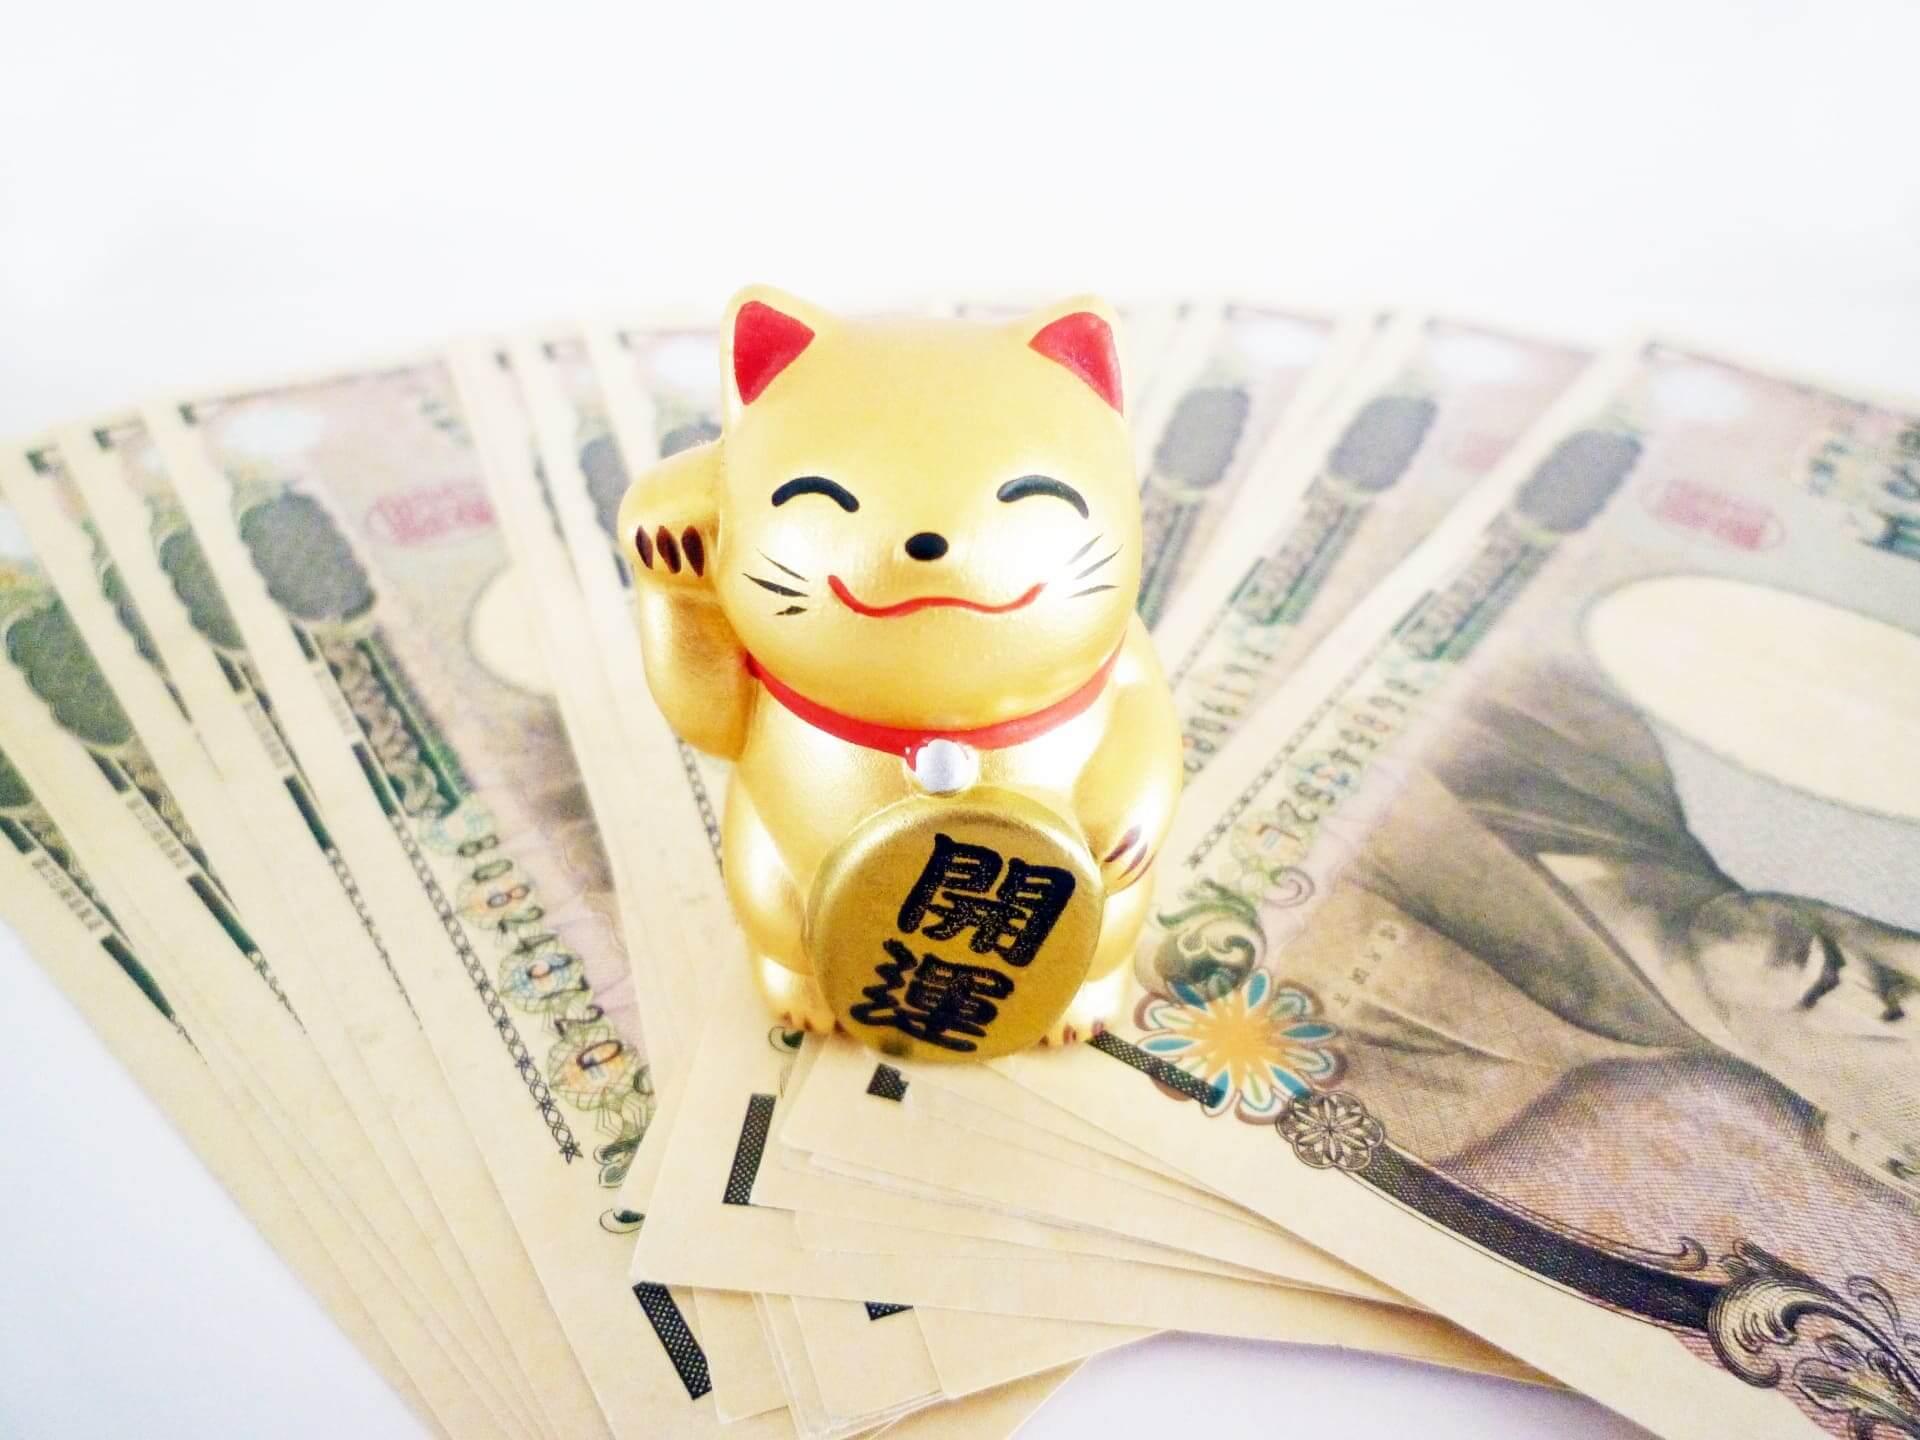 金運占い 鏡リュウジが占う2022年あなたの金運・貯蓄、金運アップ転機